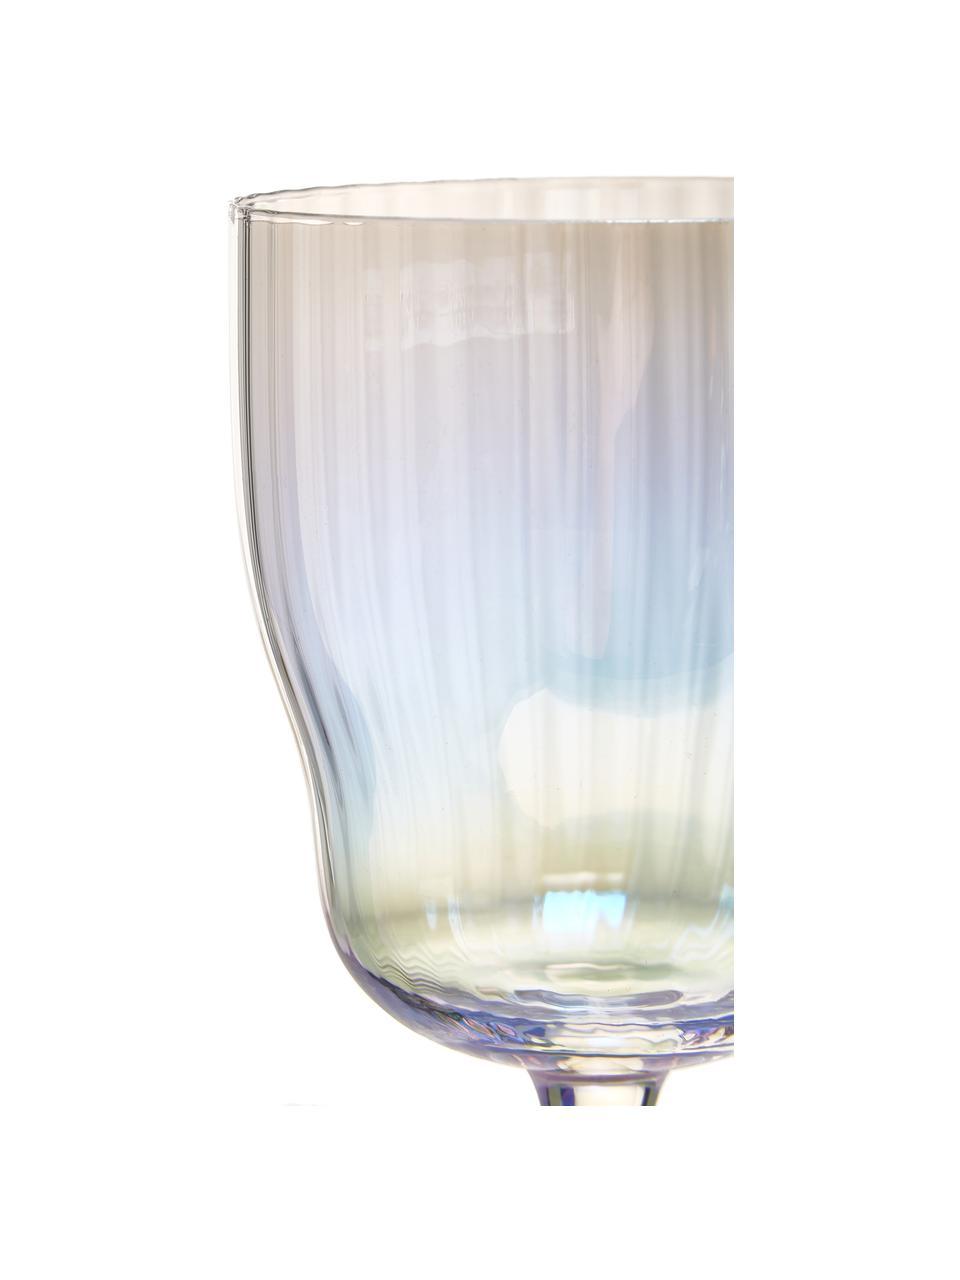 Mundgeblasene Weingläser Juno mit Rillenrelief und Perlmuttglanz, 4 Stück, Glas, Transparent, Ø 9 x H 21 cm